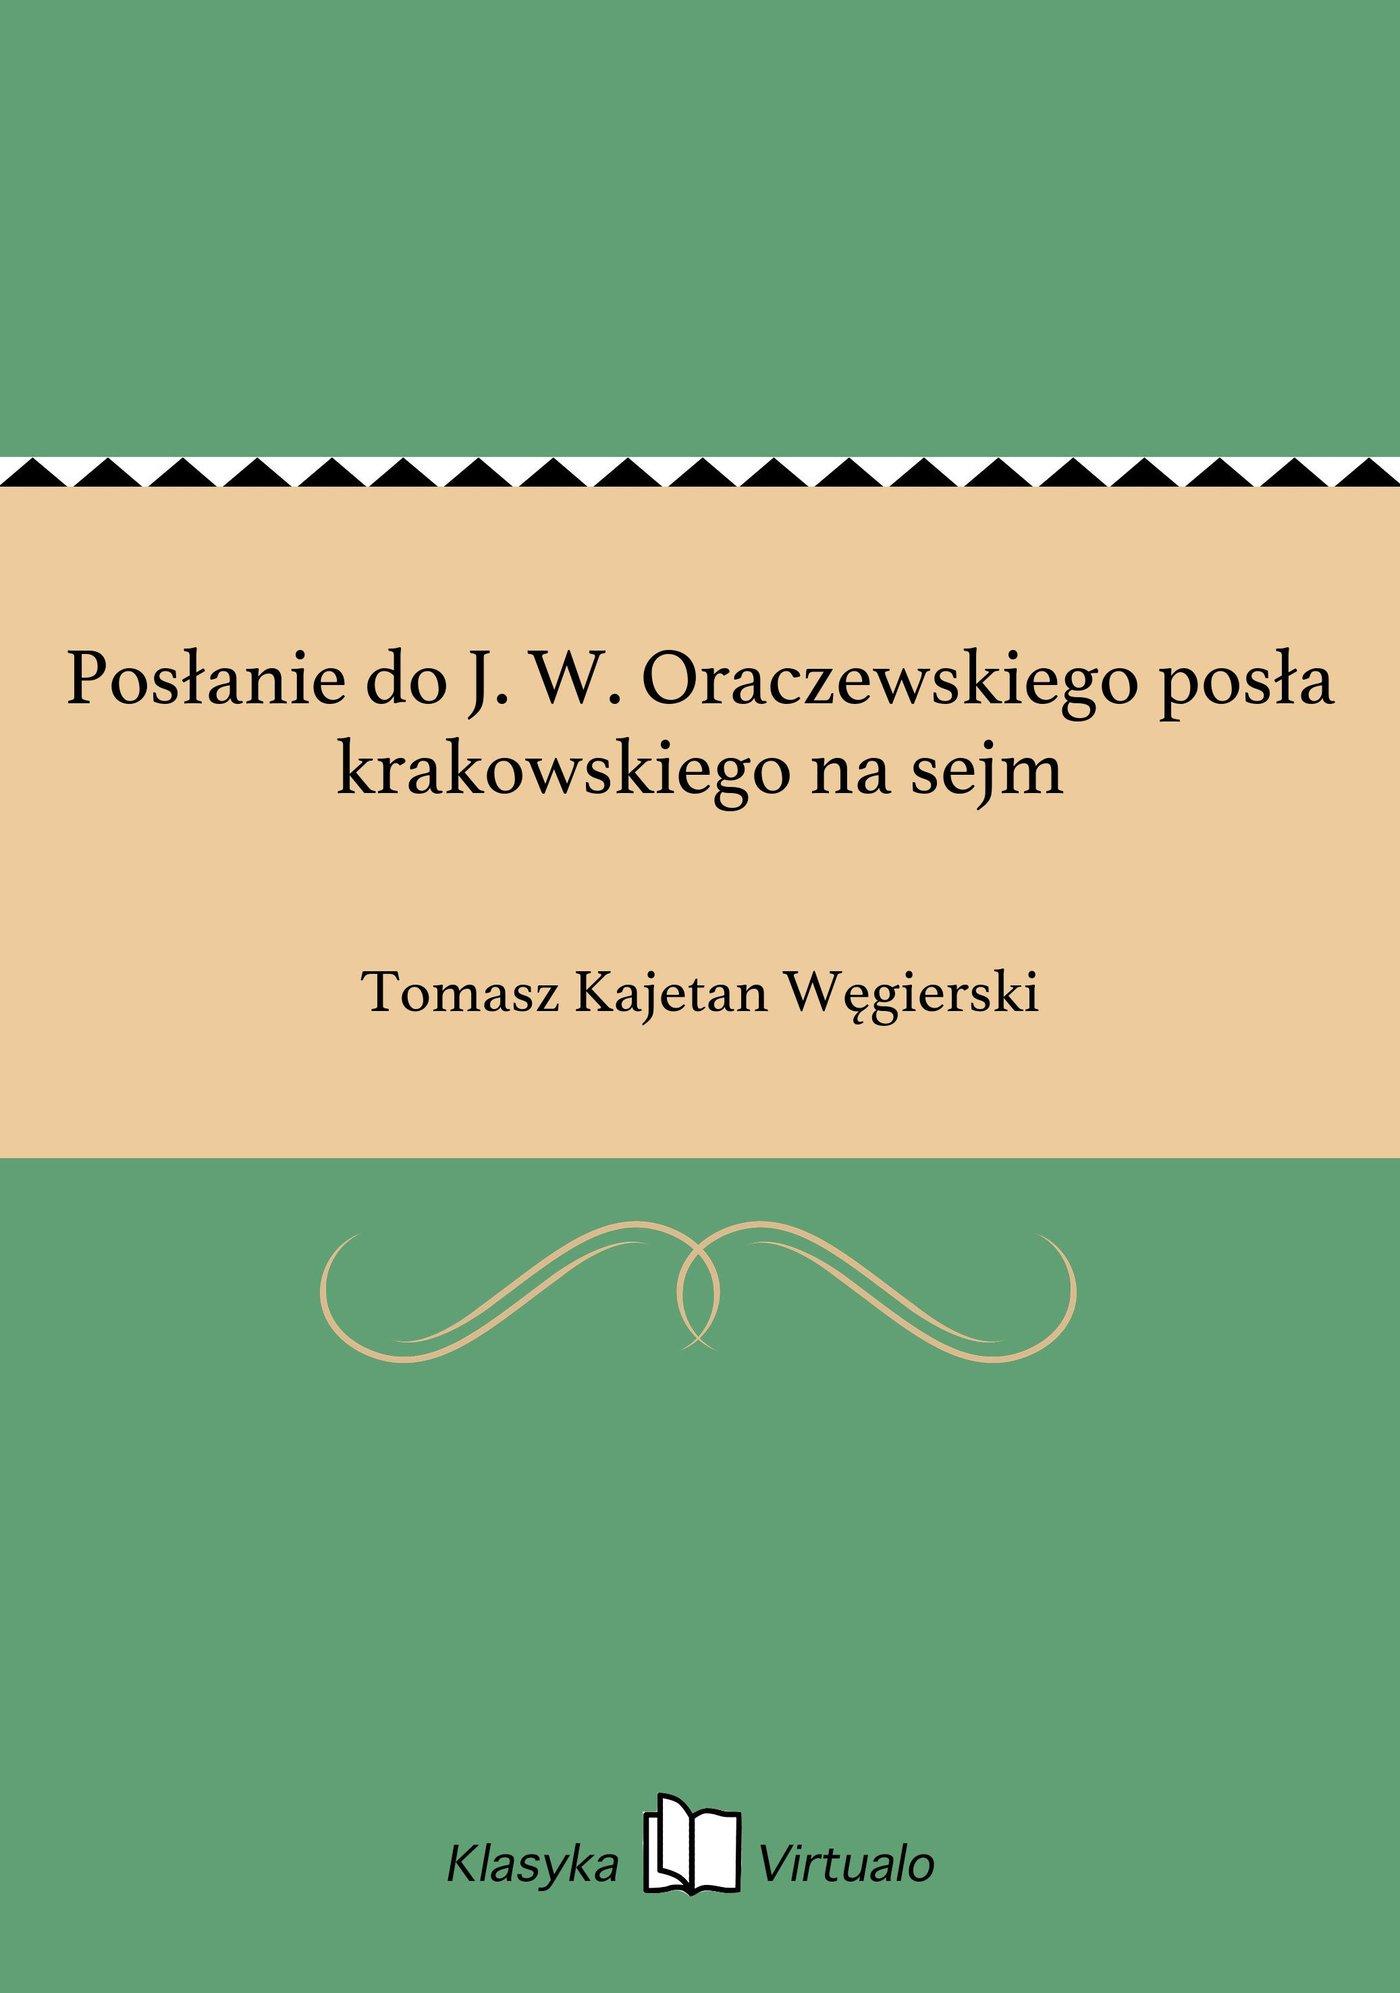 Posłanie do J. W. Oraczewskiego posła krakowskiego na sejm - Ebook (Książka EPUB) do pobrania w formacie EPUB